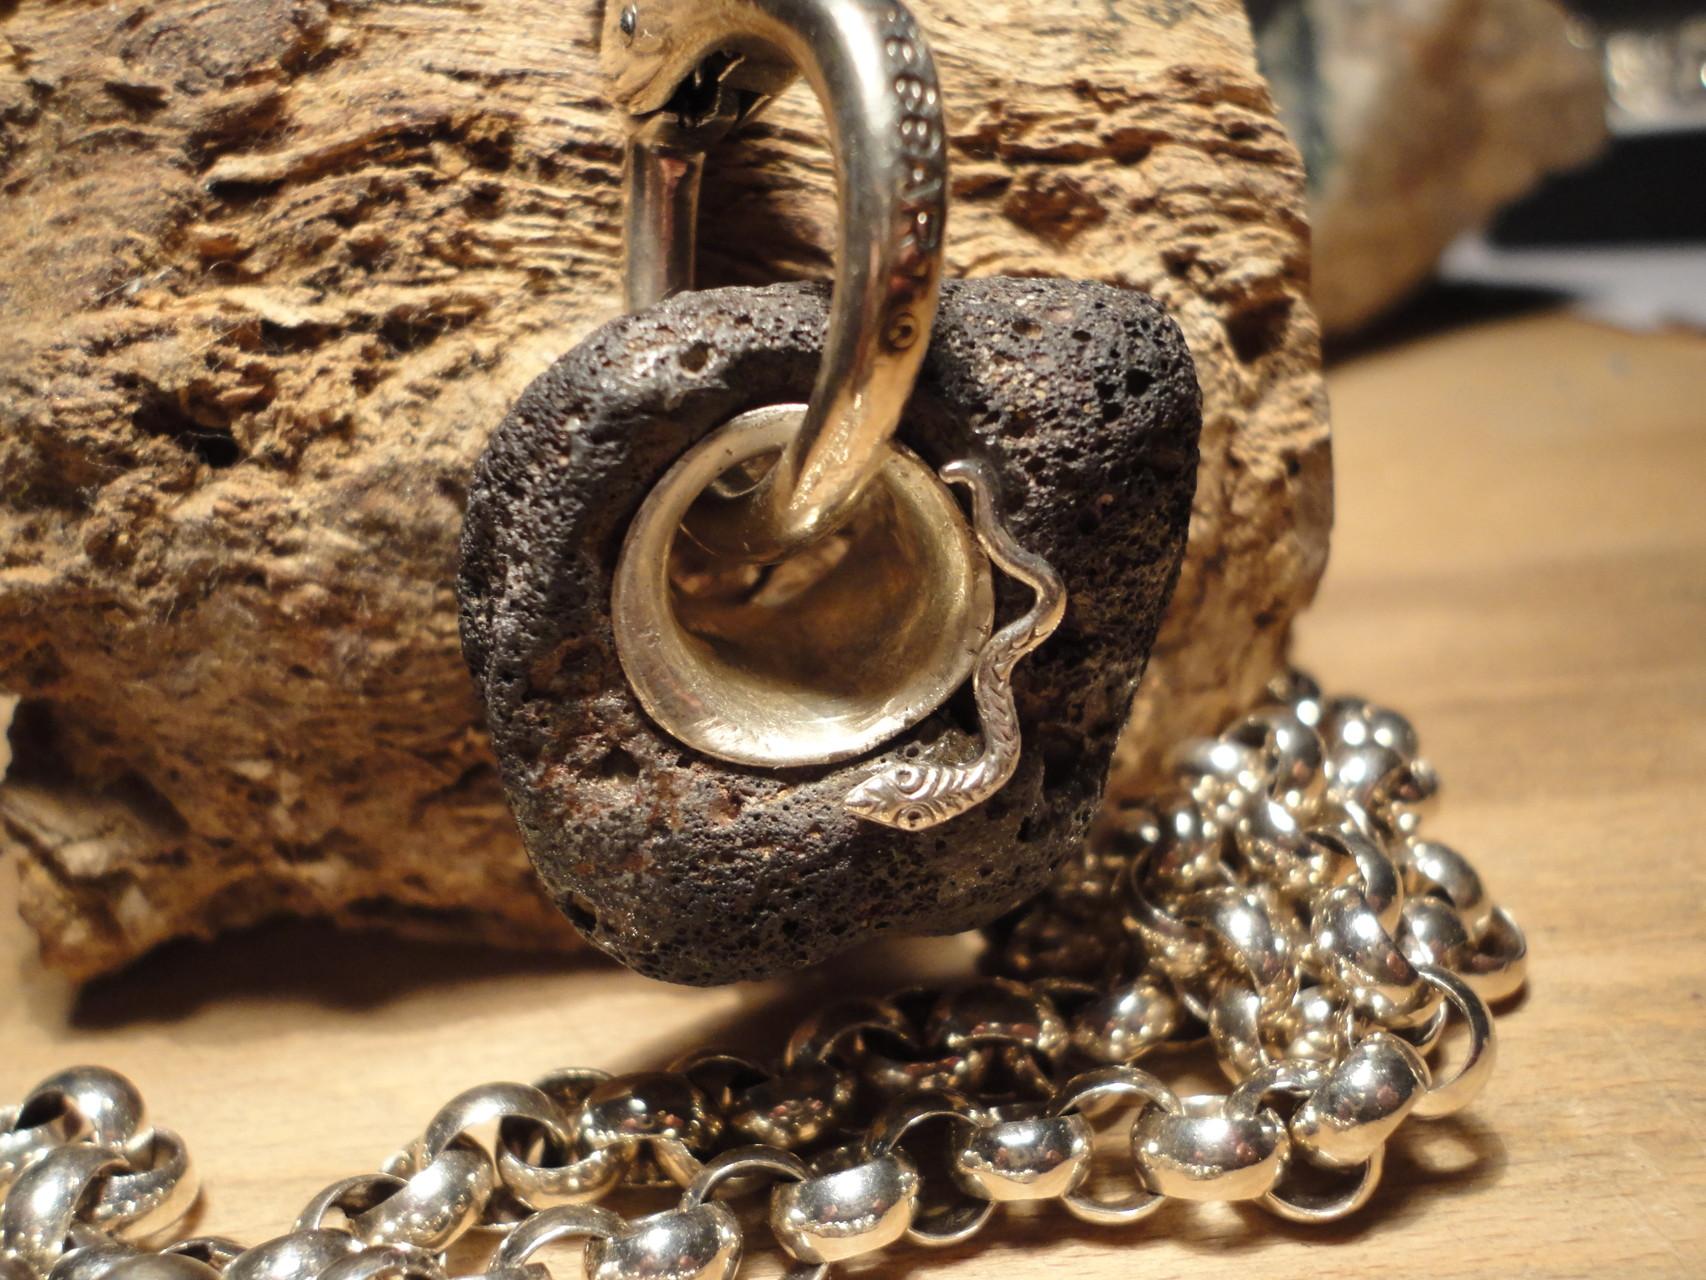 Anhänger: Silberschlange auf Lavastein  (925 Sterlingsilber) Preis: CHF 180.-